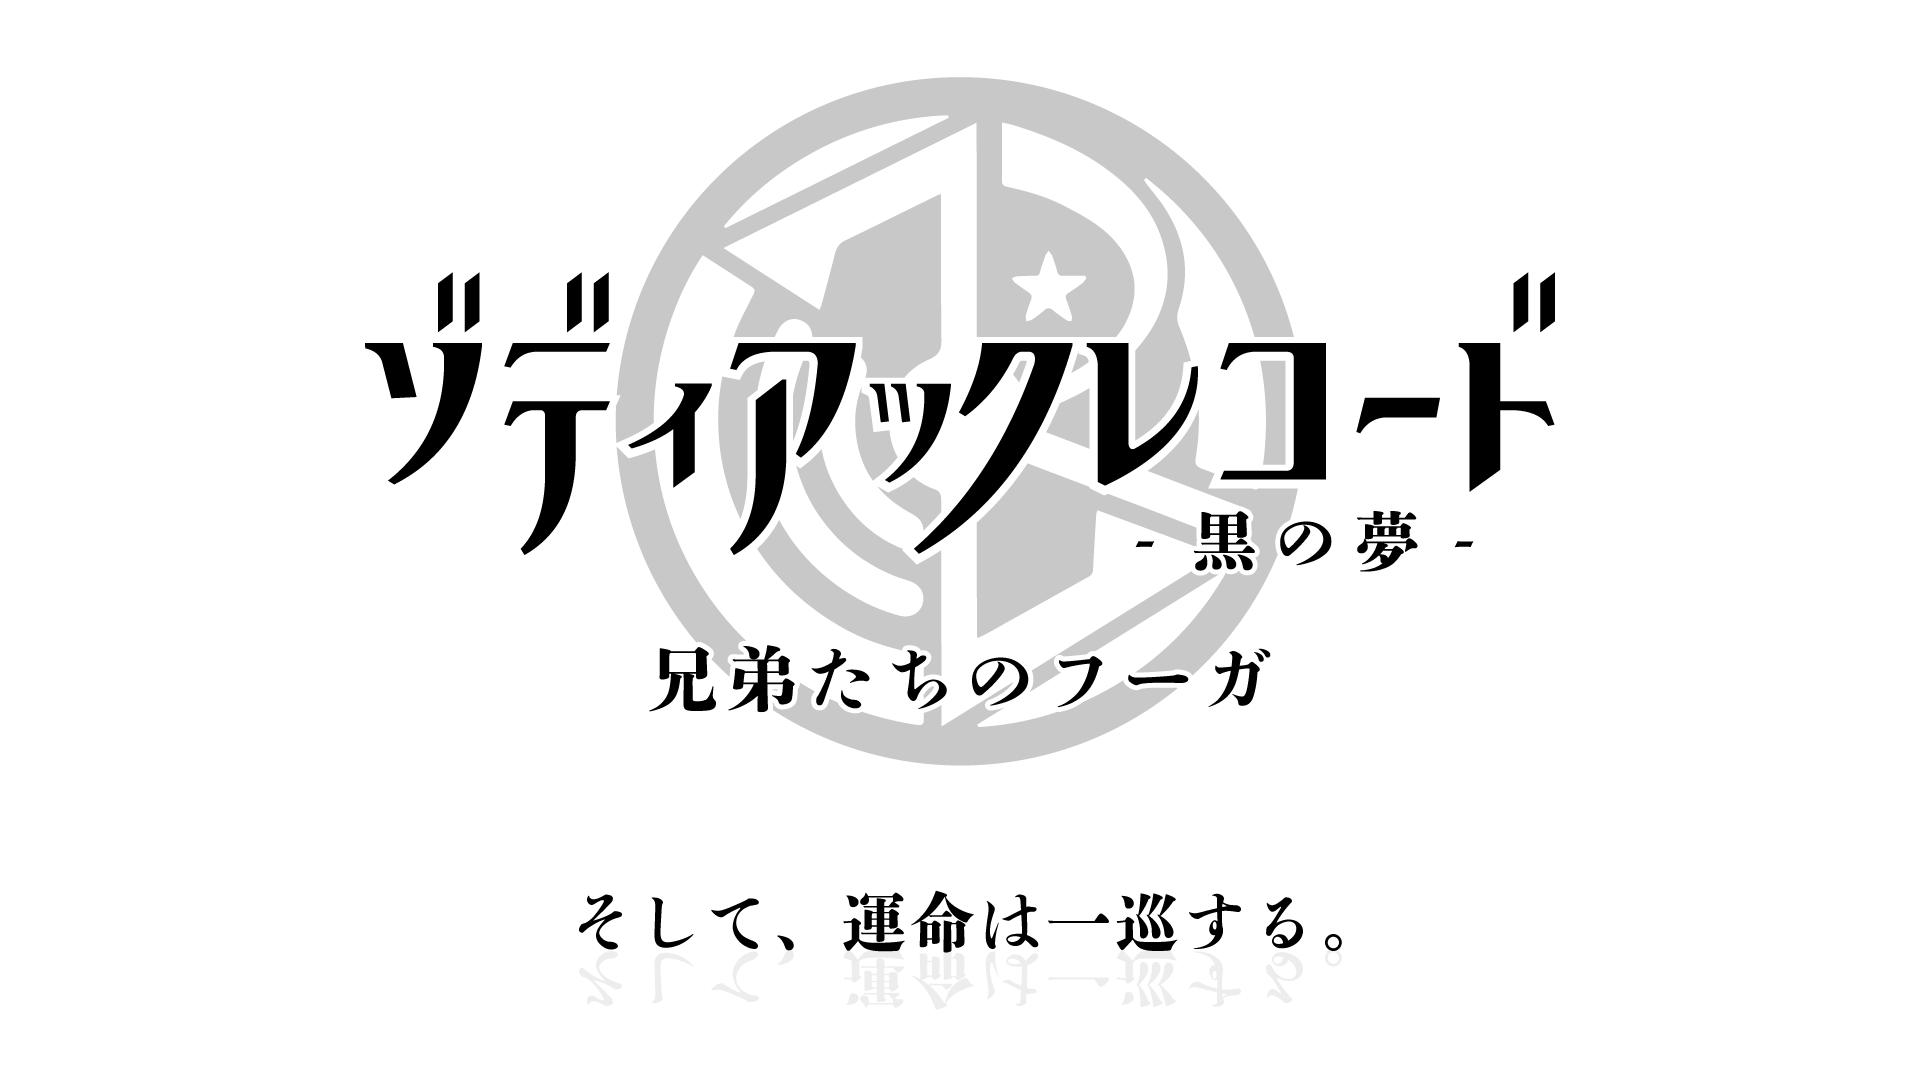 ゾディアック・レコード-黒の夢-「兄弟たちのフーガ」